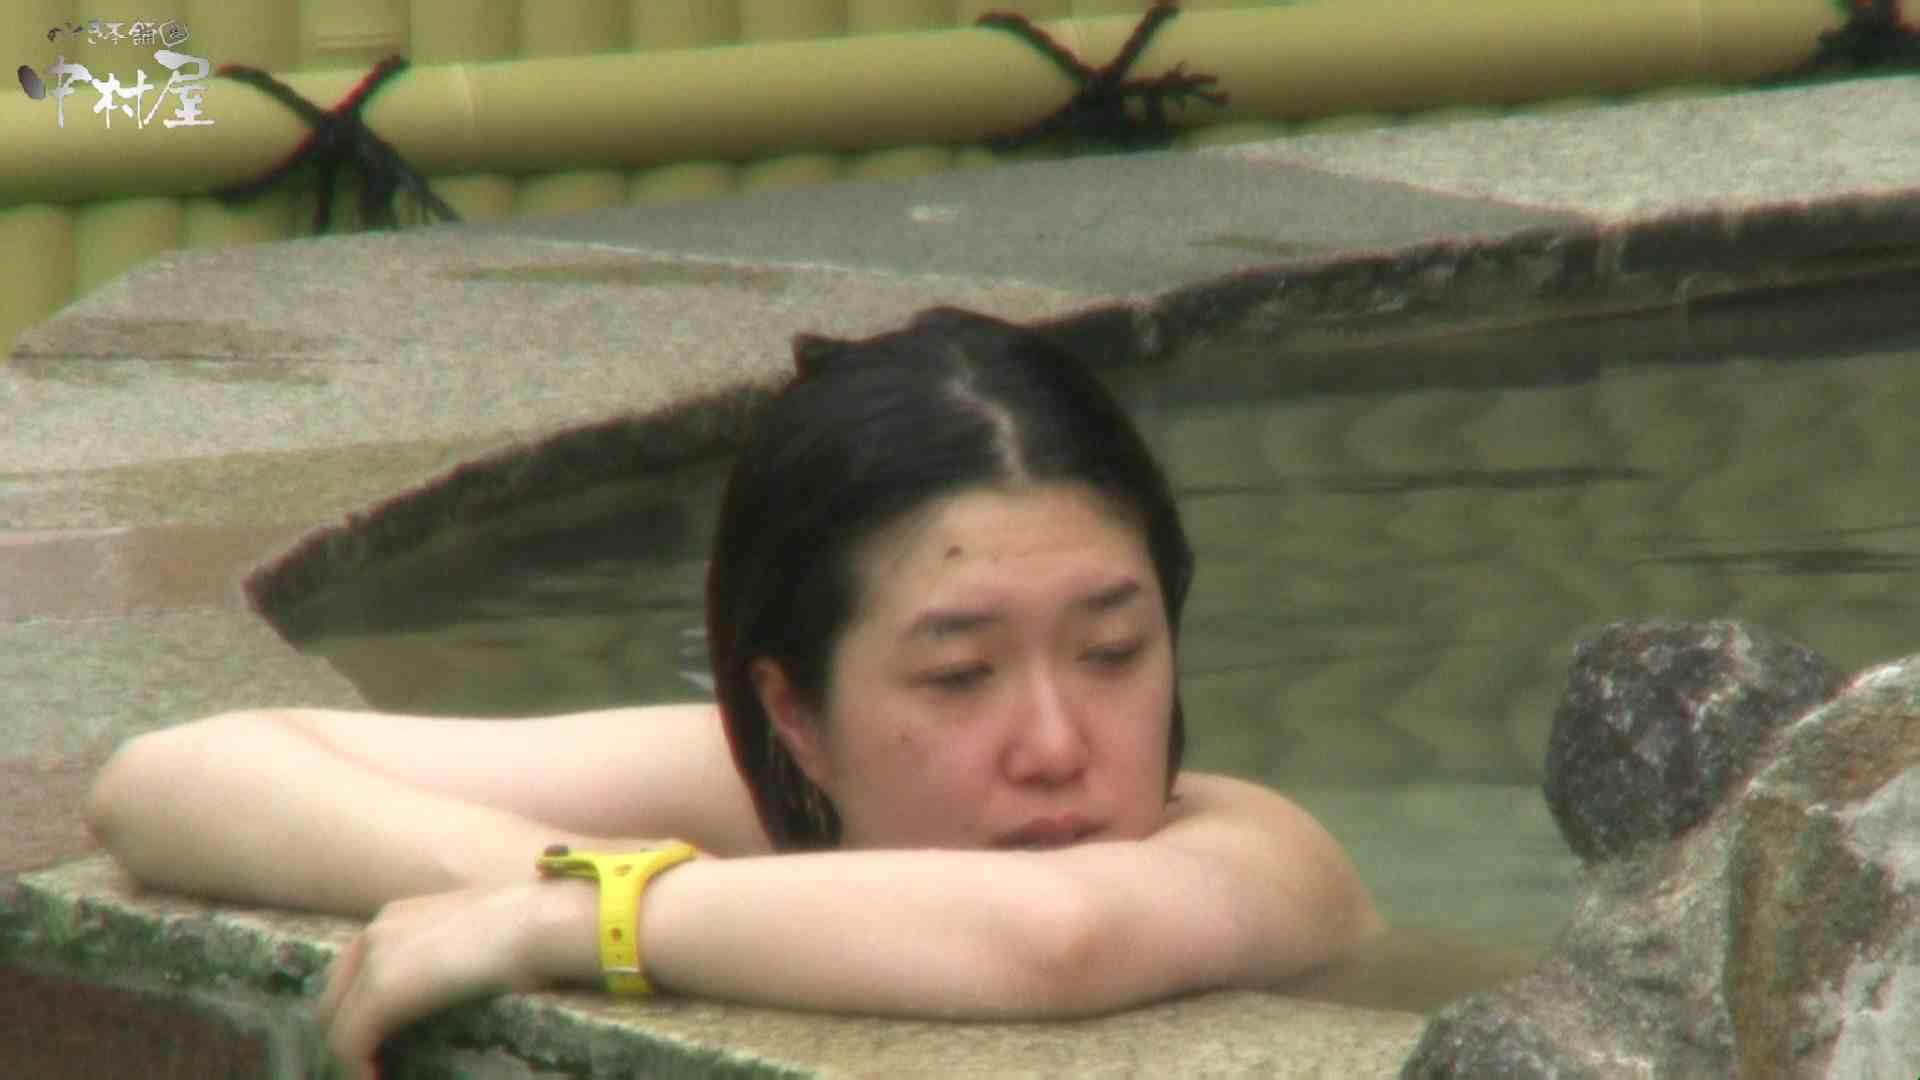 Aquaな露天風呂Vol.946 盗撮   OLすけべ画像  95連発 34